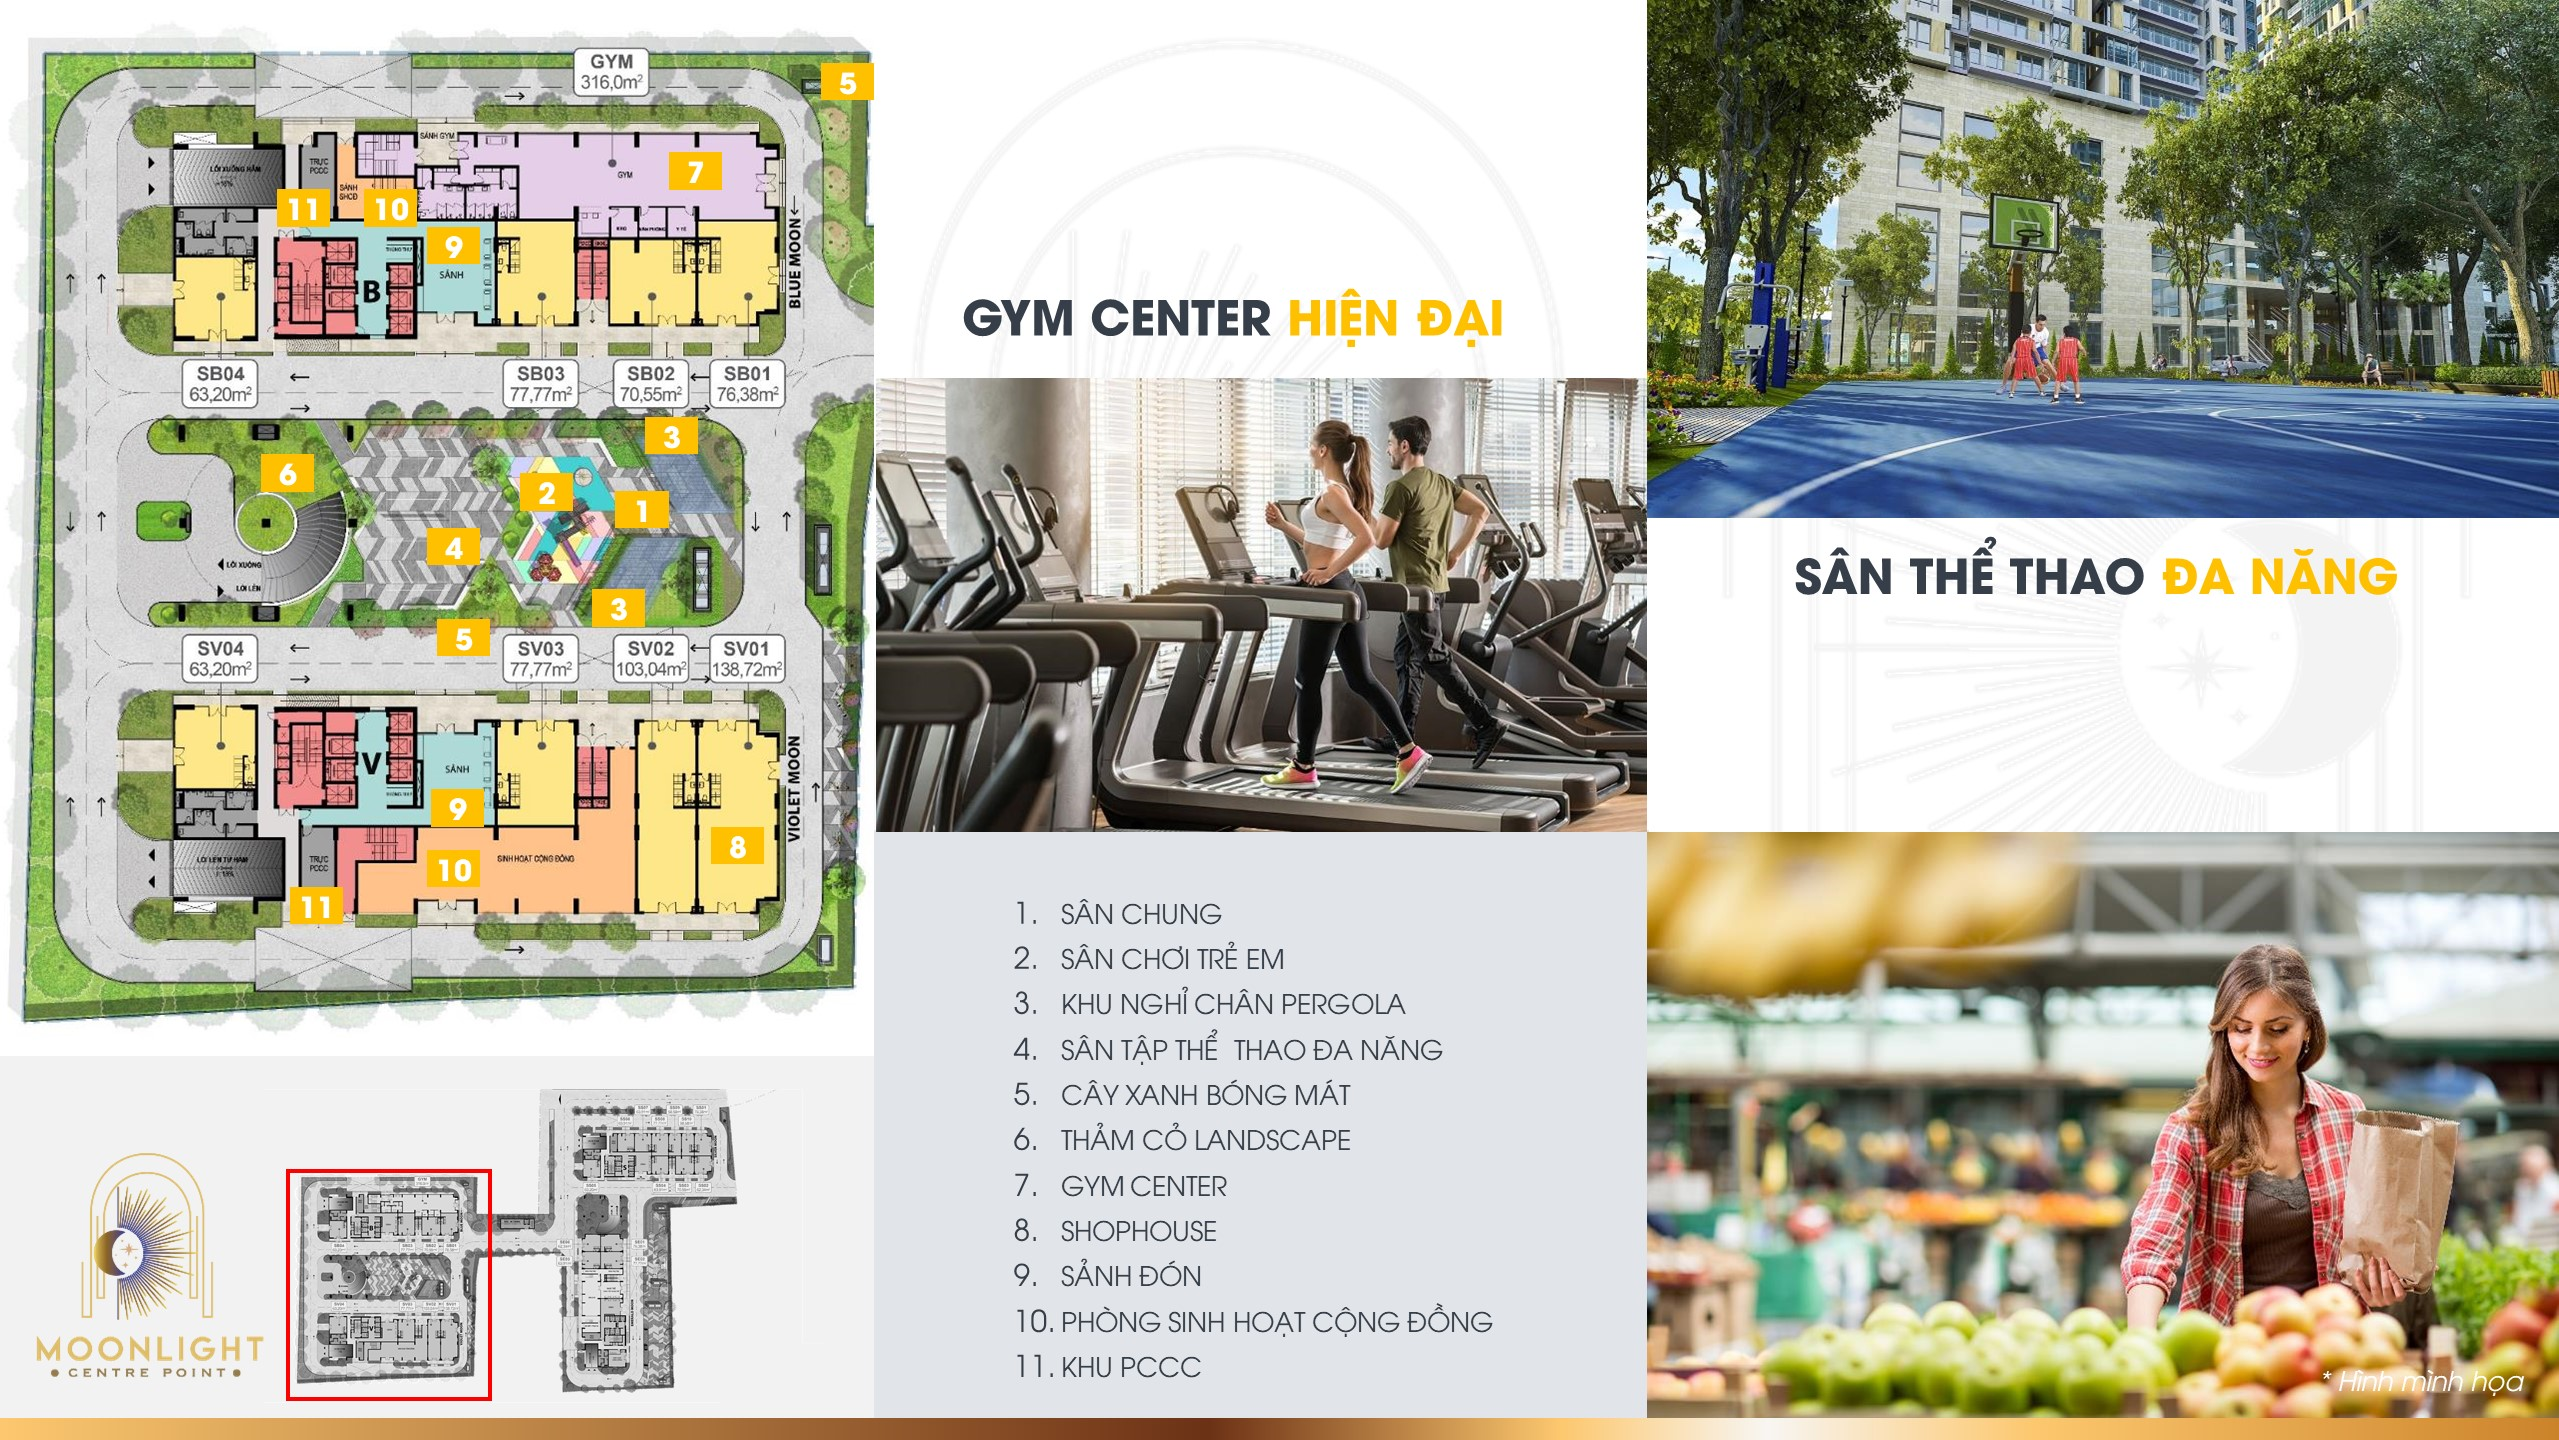 """Cùng nhau rèn luyện sức khoẻ cùng với hệ thống """" Gym Center """" hiện đại và Sân thể thao """" Đa Năng"""""""